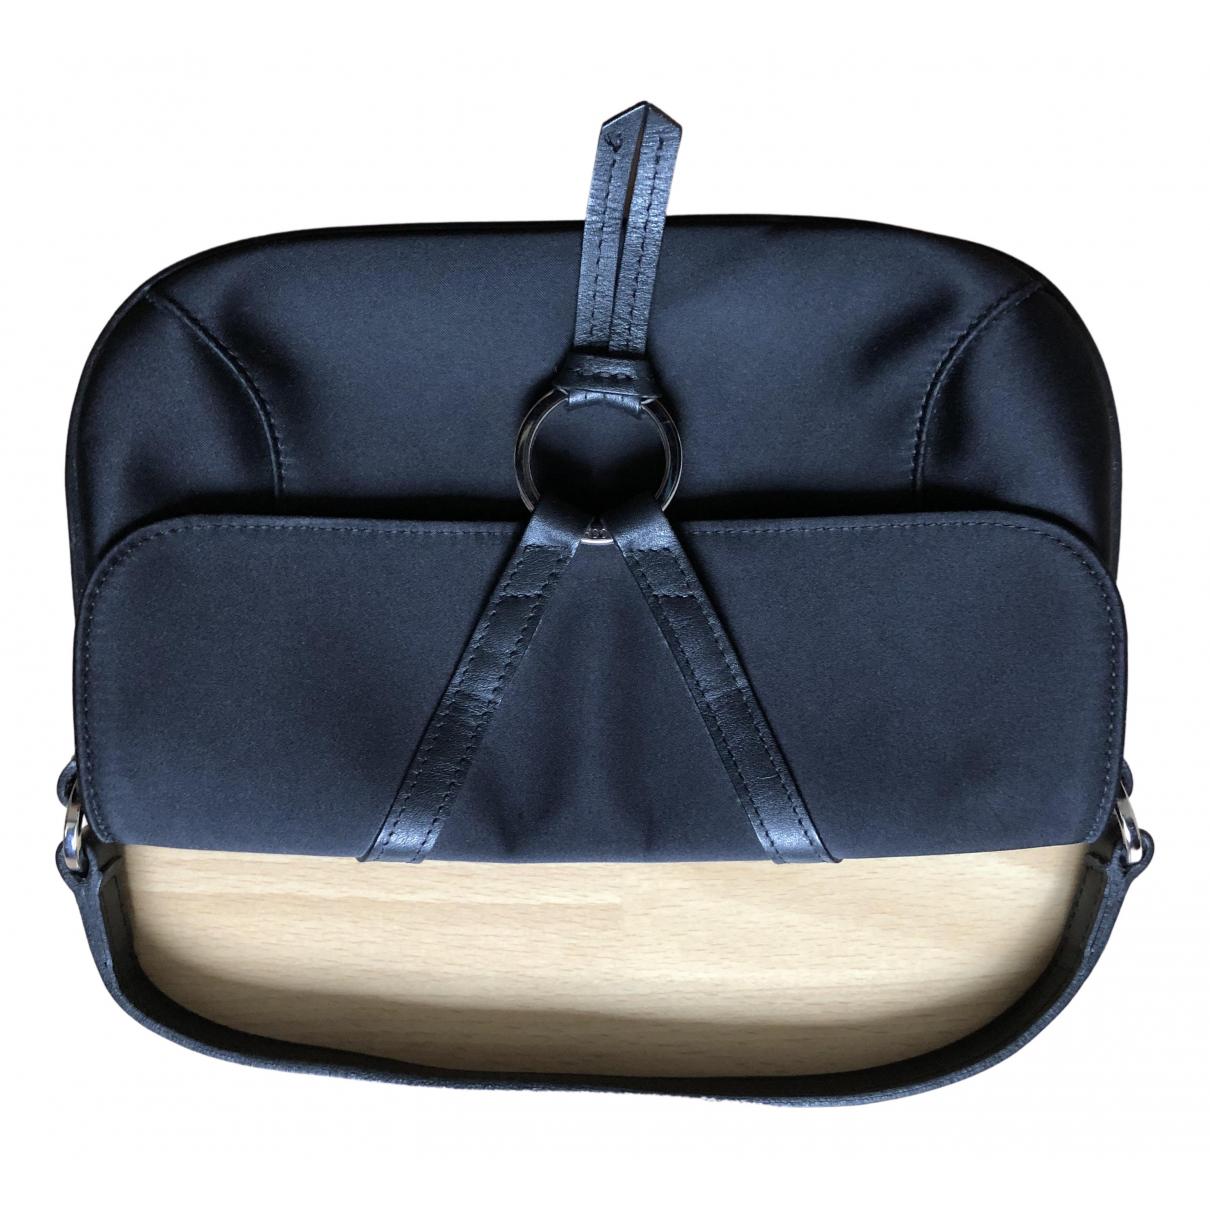 Longchamp \N Clutch in  Schwarz Seide